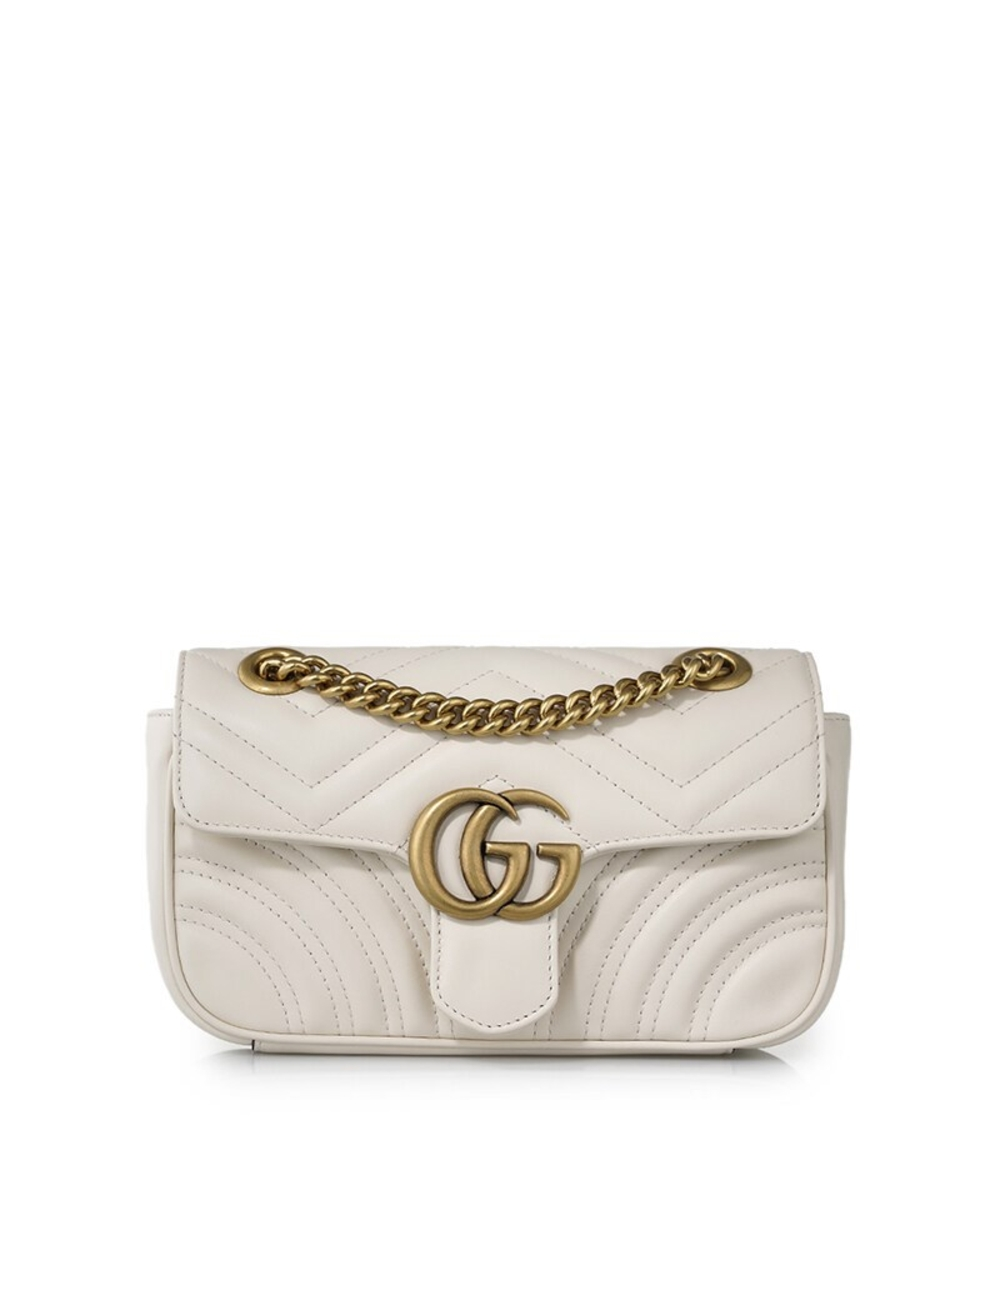 Gucci GG Marmont Matelasse迷你包 類別:女裝>包>單肩/流浪漢>單肩包 年份:假 顏色代碼(RGB代碼):#9c8e7e 尺寸信息:가로22cm세로13cm너비6cm(미니) 性別:女性 材質:小羊皮